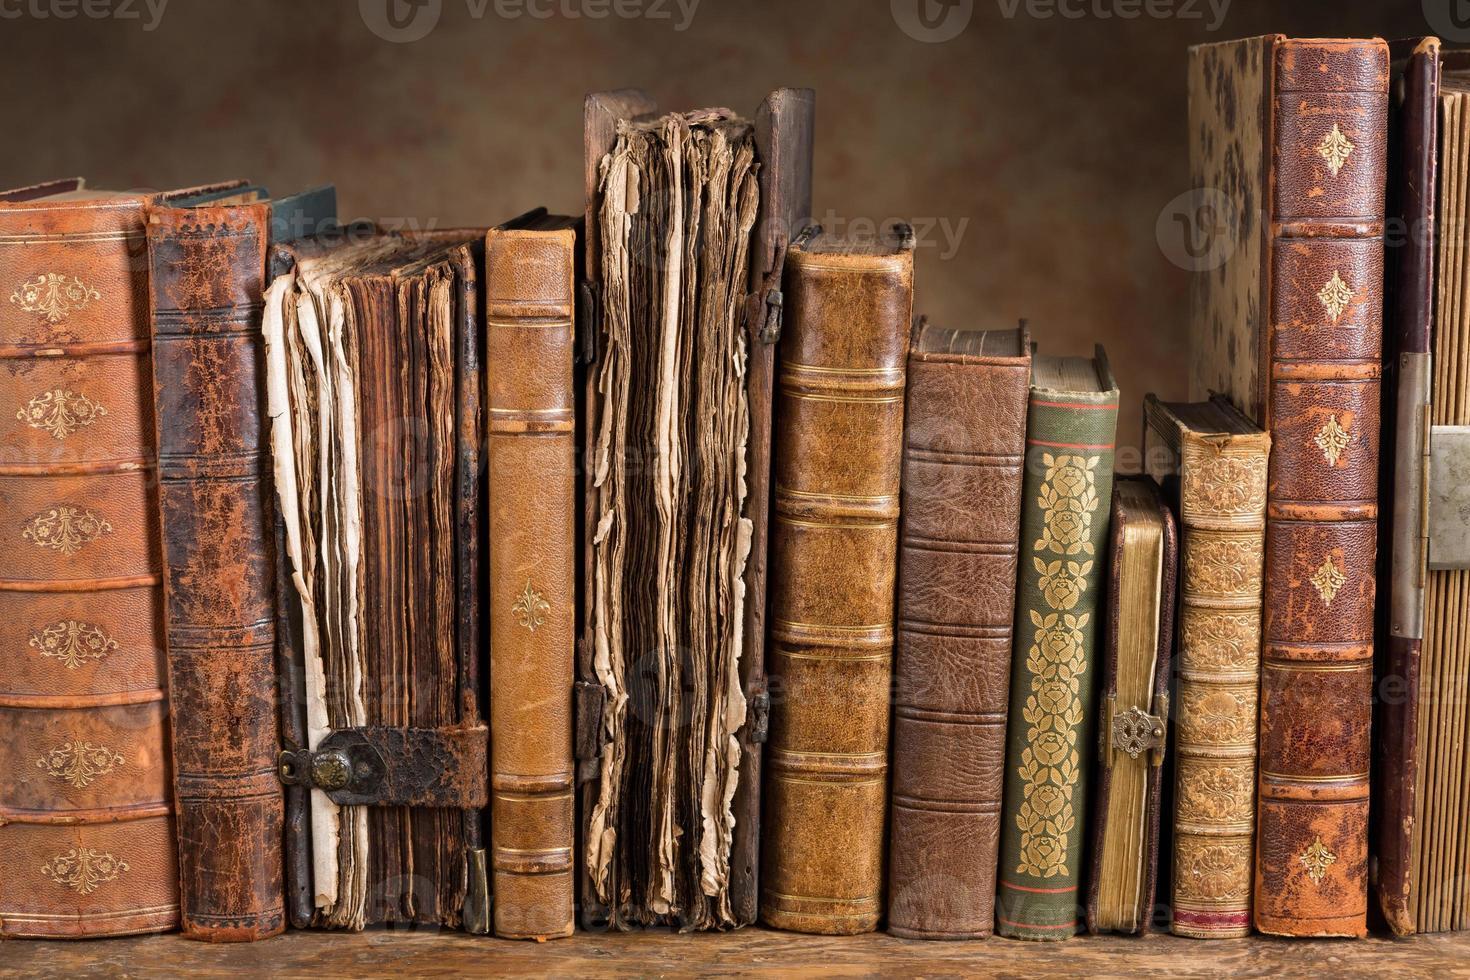 libros antiguos en una fila foto